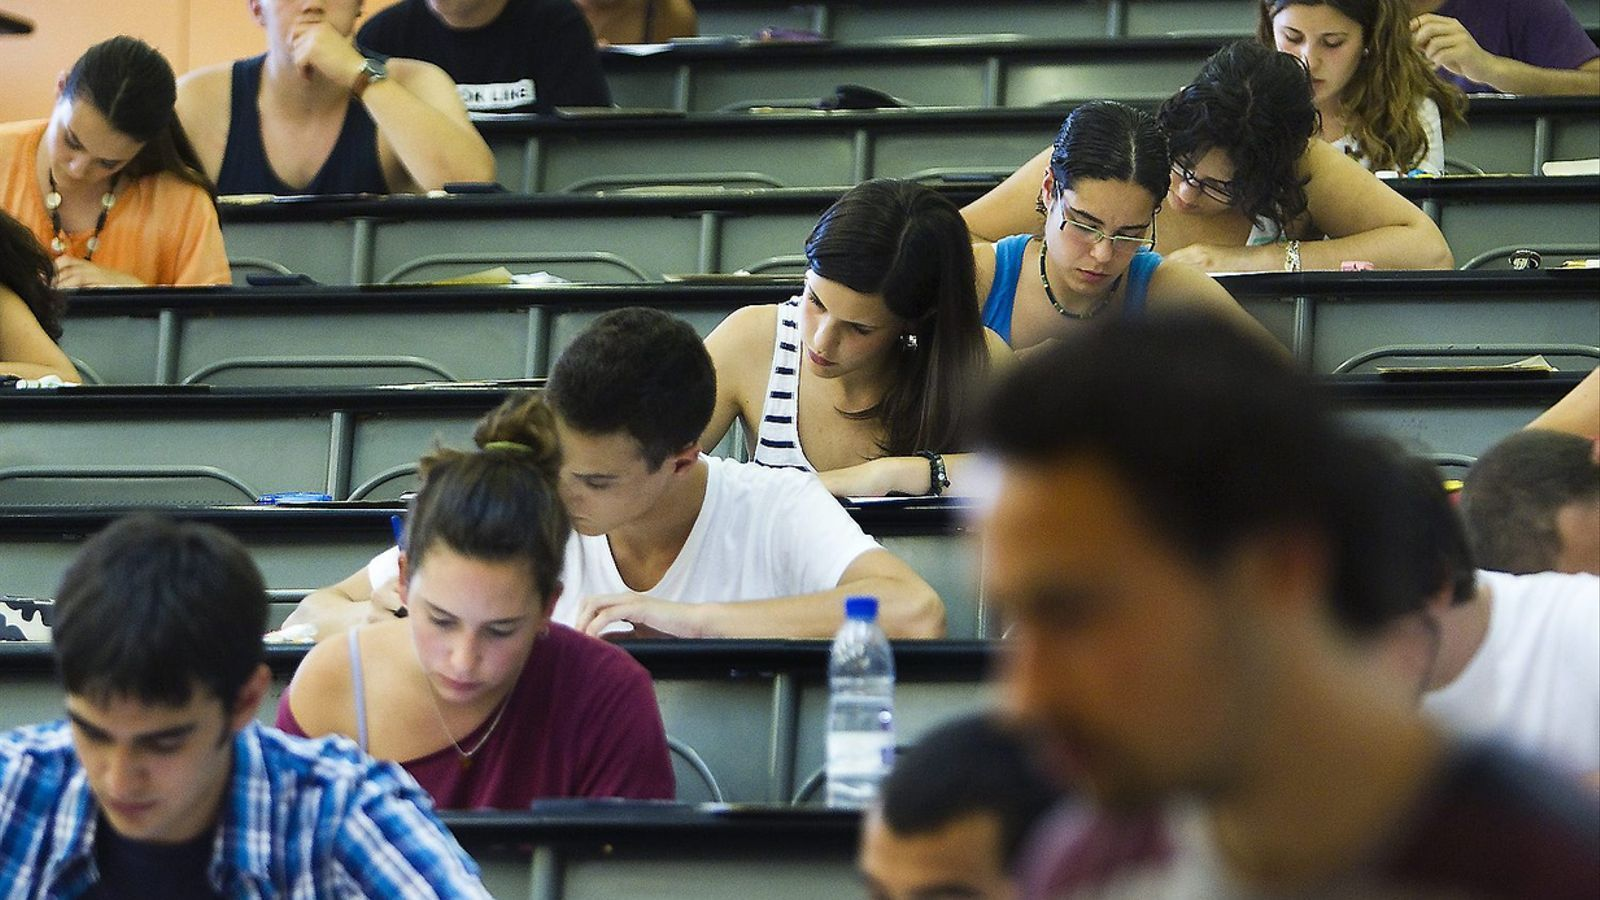 La formació i la feina dels pares encara determinen l'accés a la universitat